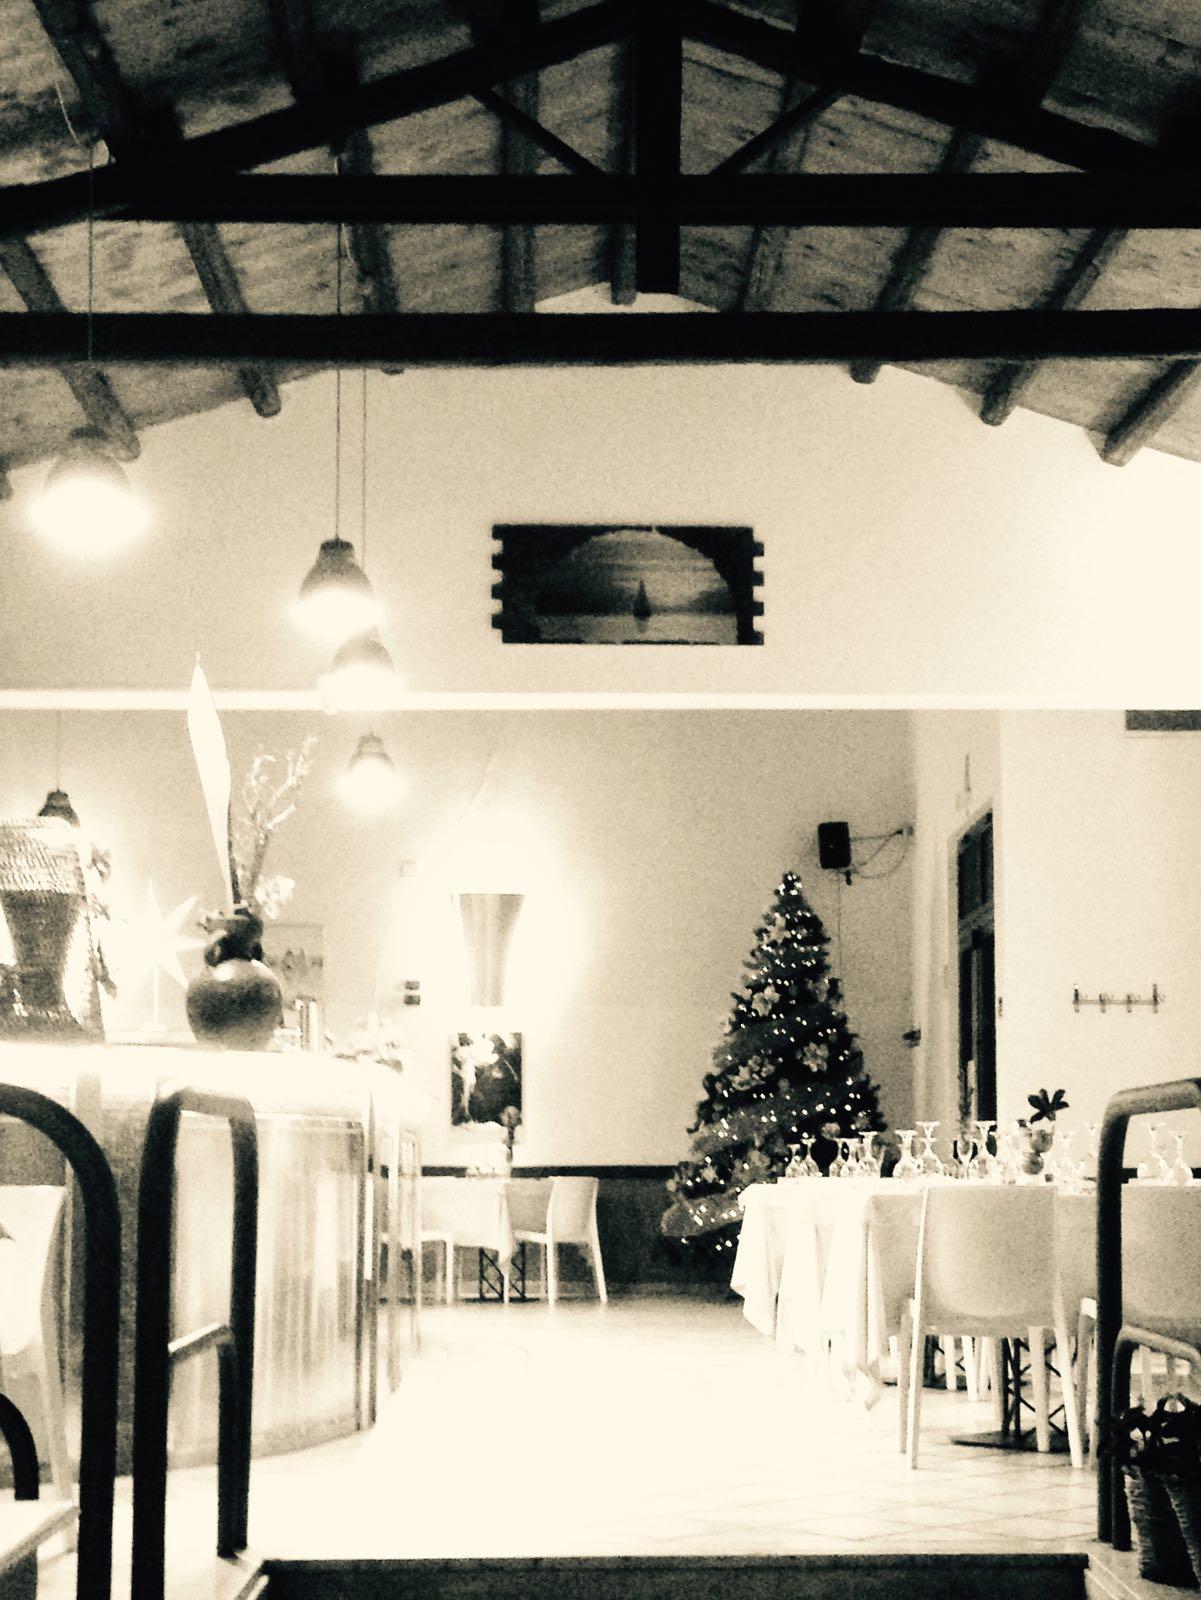 sala di un ristorante con tavoli e albero di natale